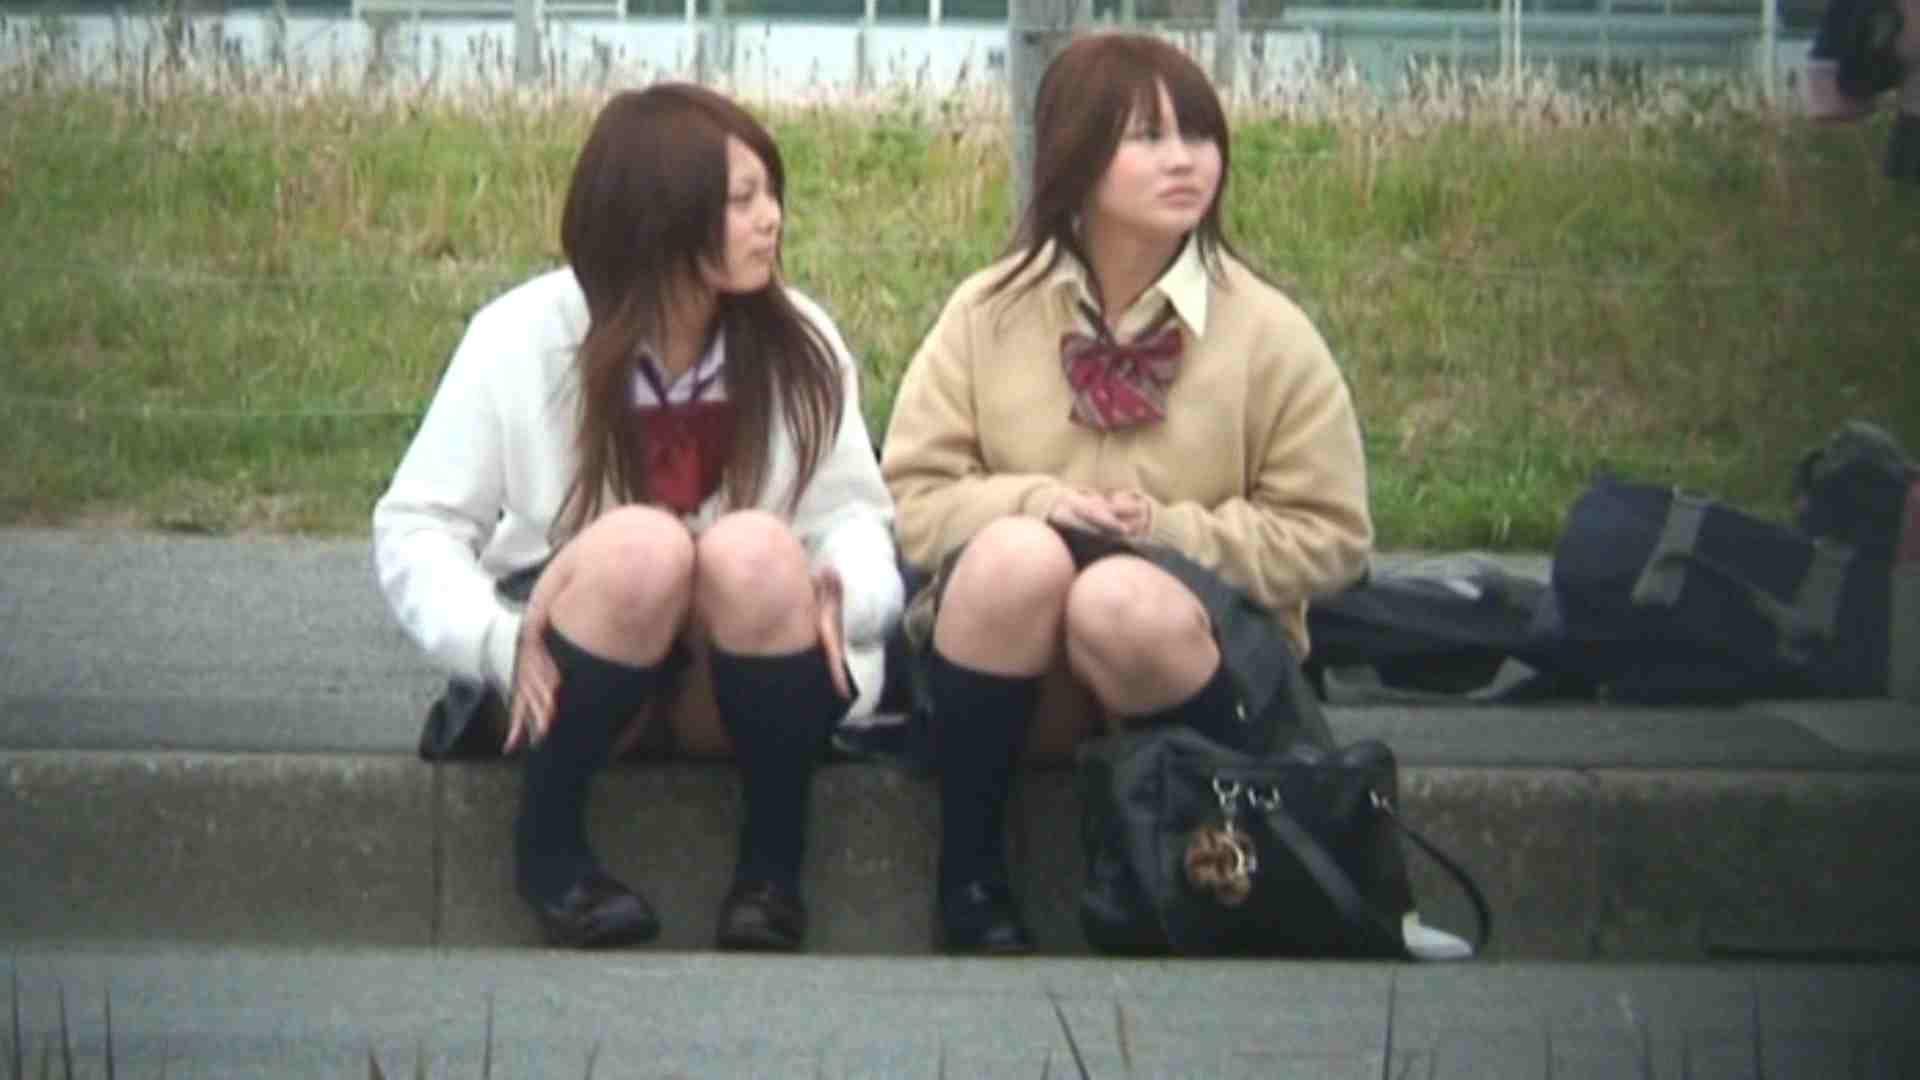 望遠パンチラNo10 学校潜伏 盗撮われめAV動画紹介 97pic 29